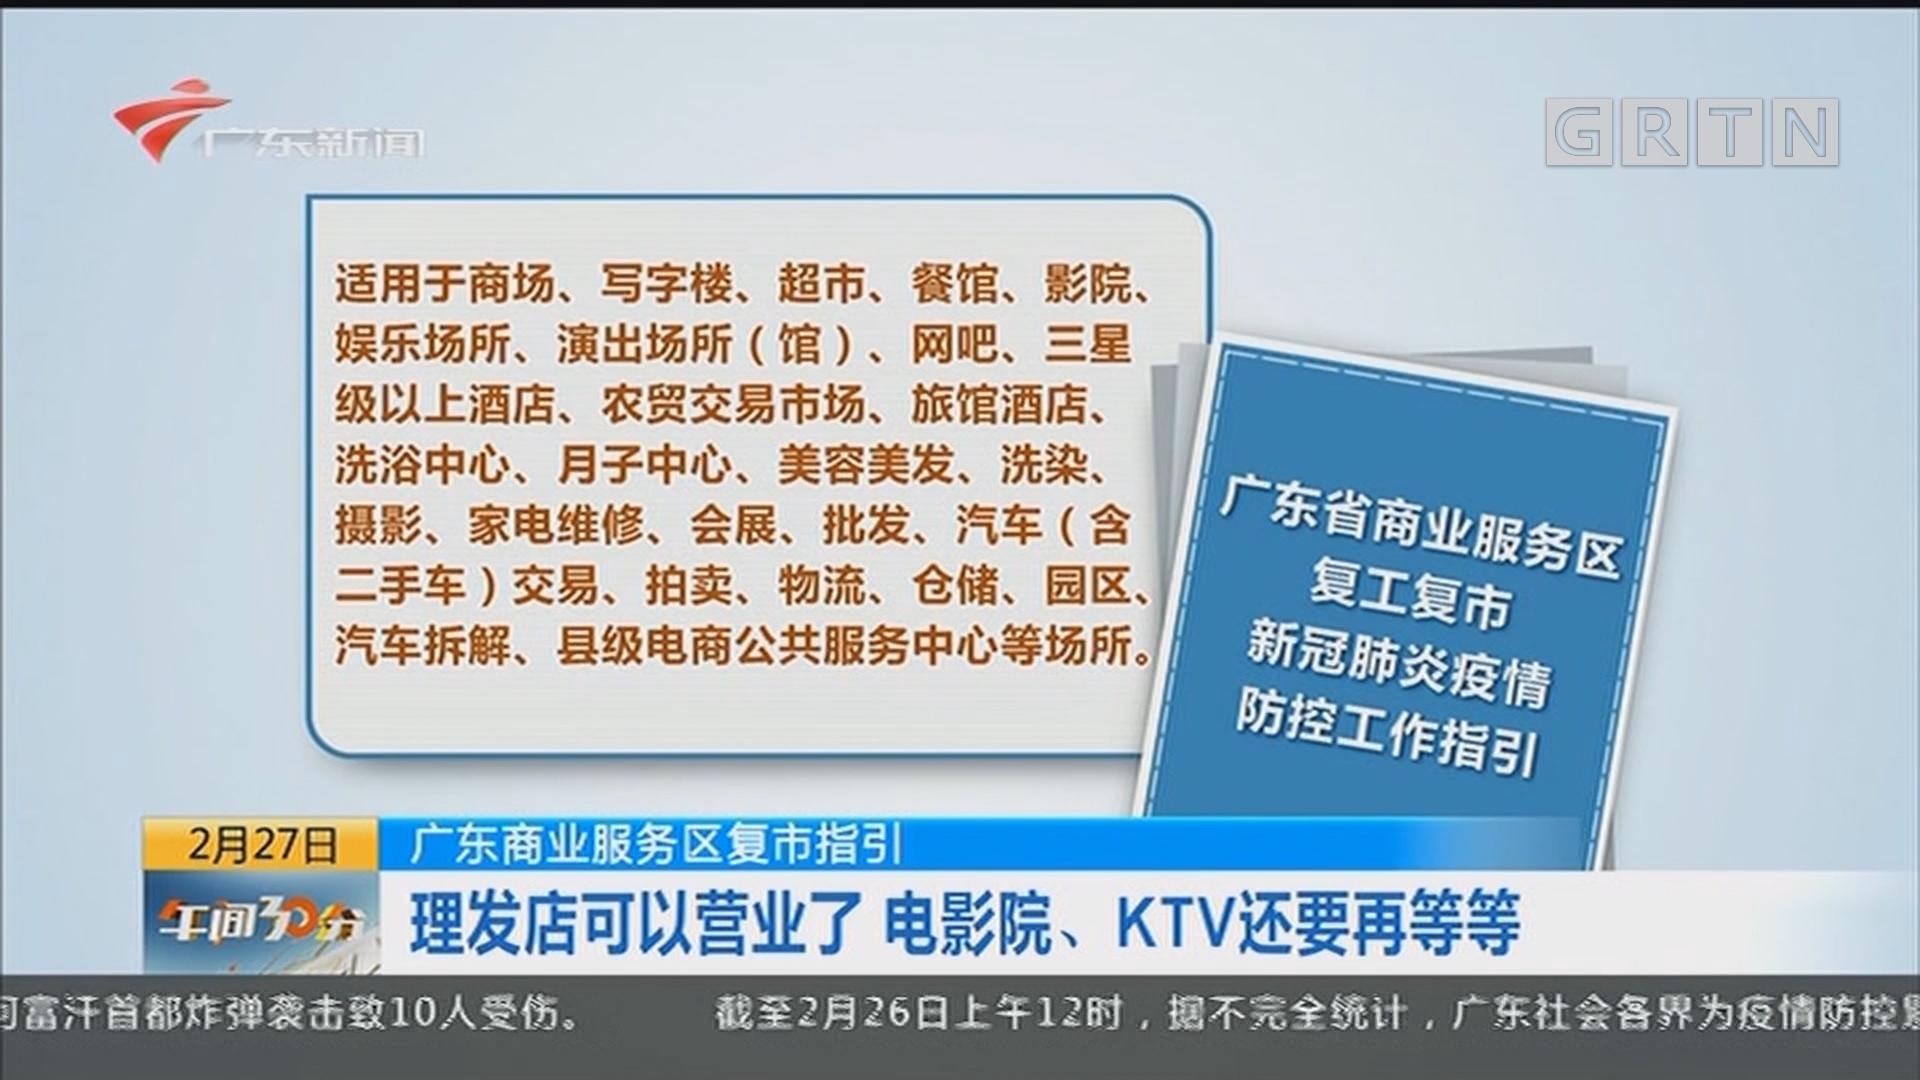 广东商业服务区复市指引:理发店可以营业了 电影院、KTV还要再等等